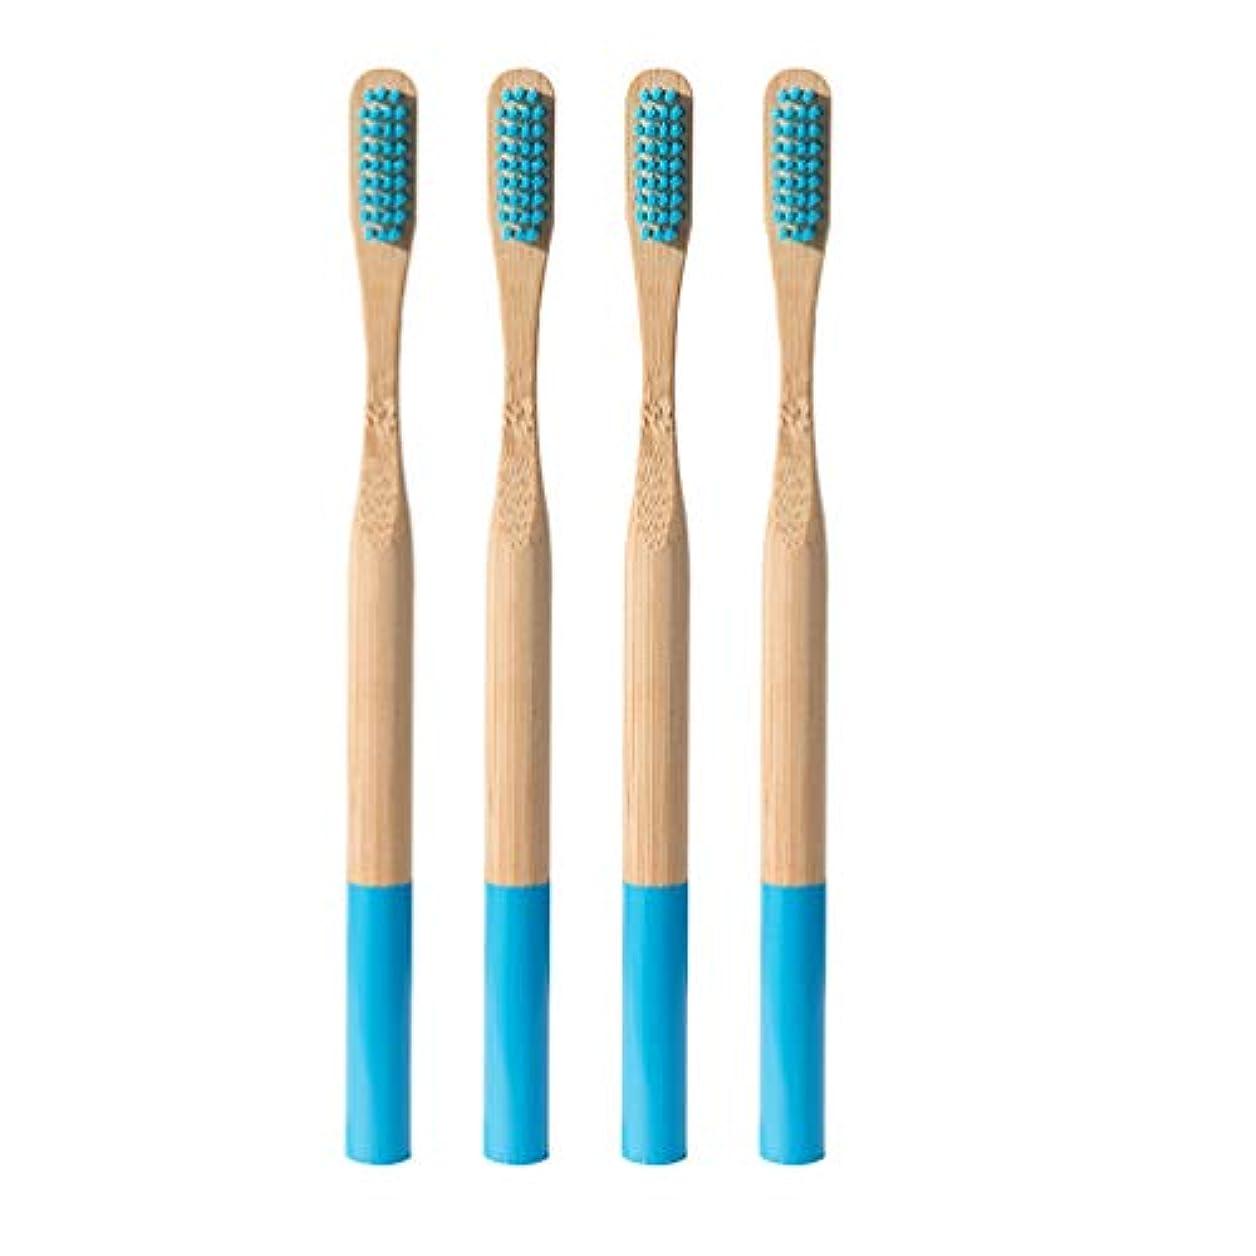 言い訳成分ドナーHeallily 竹の歯ブラシ4ピースの柔らかい毛の歯ブラシ生分解性の環境に優しい柔らかい歯ブラシ、大人のための細い毛が付いている抗菌性の歯ブラシ(青)